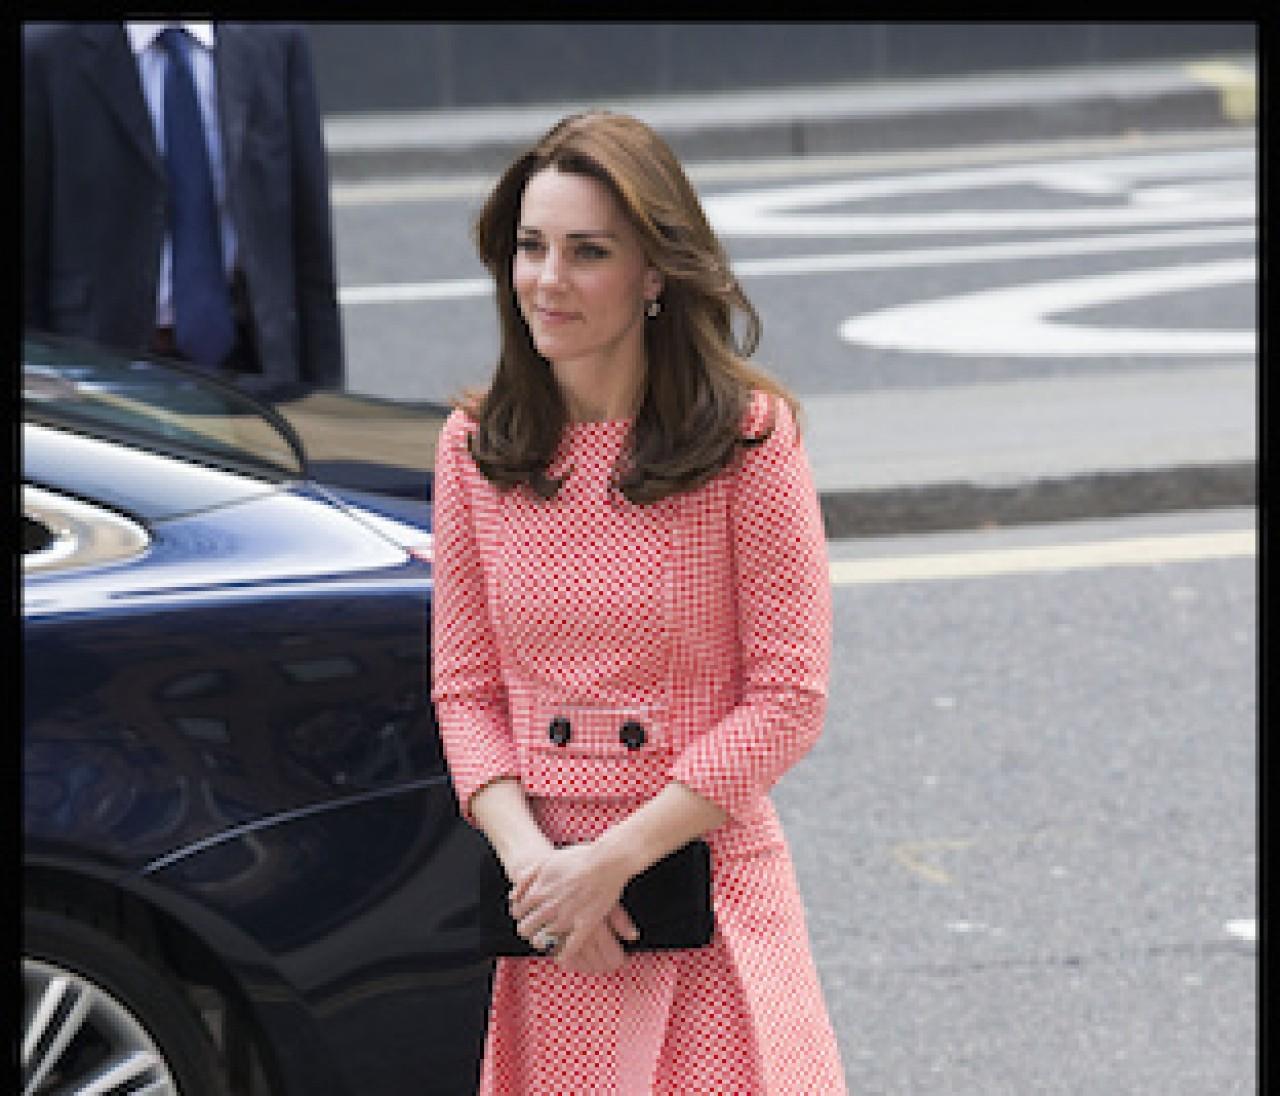 即真似できる! キャサリン妃の長袖キレイ色ワンorツーピース